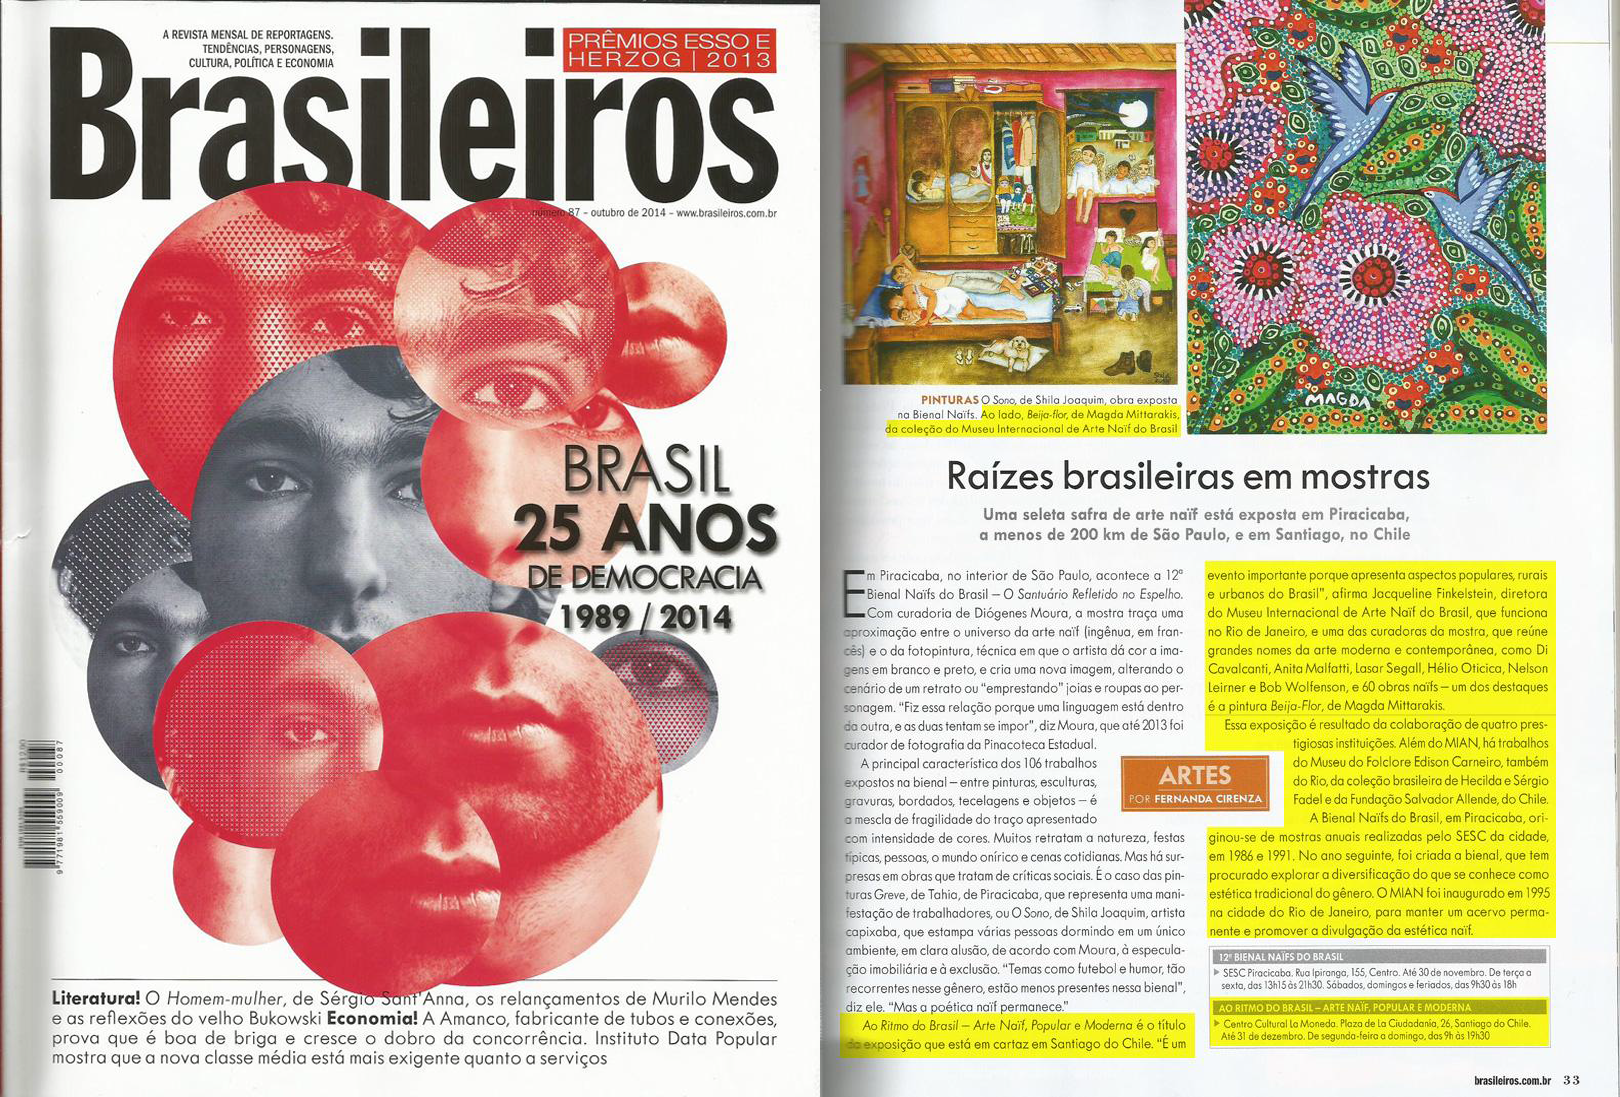 MIAN - Revista Brasileiros